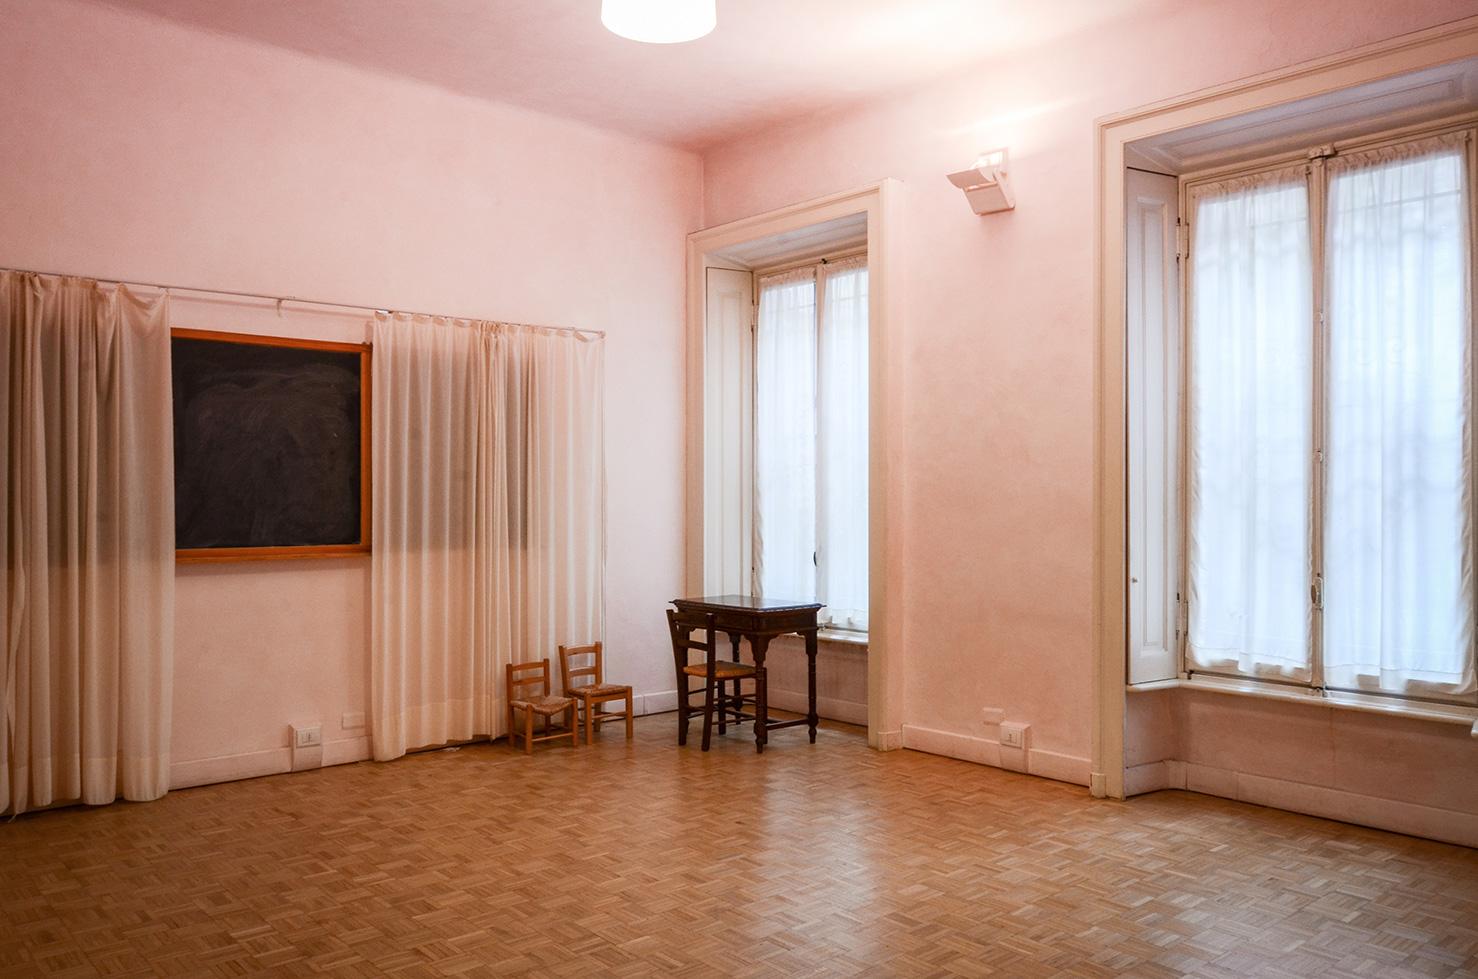 Sala Euritmia